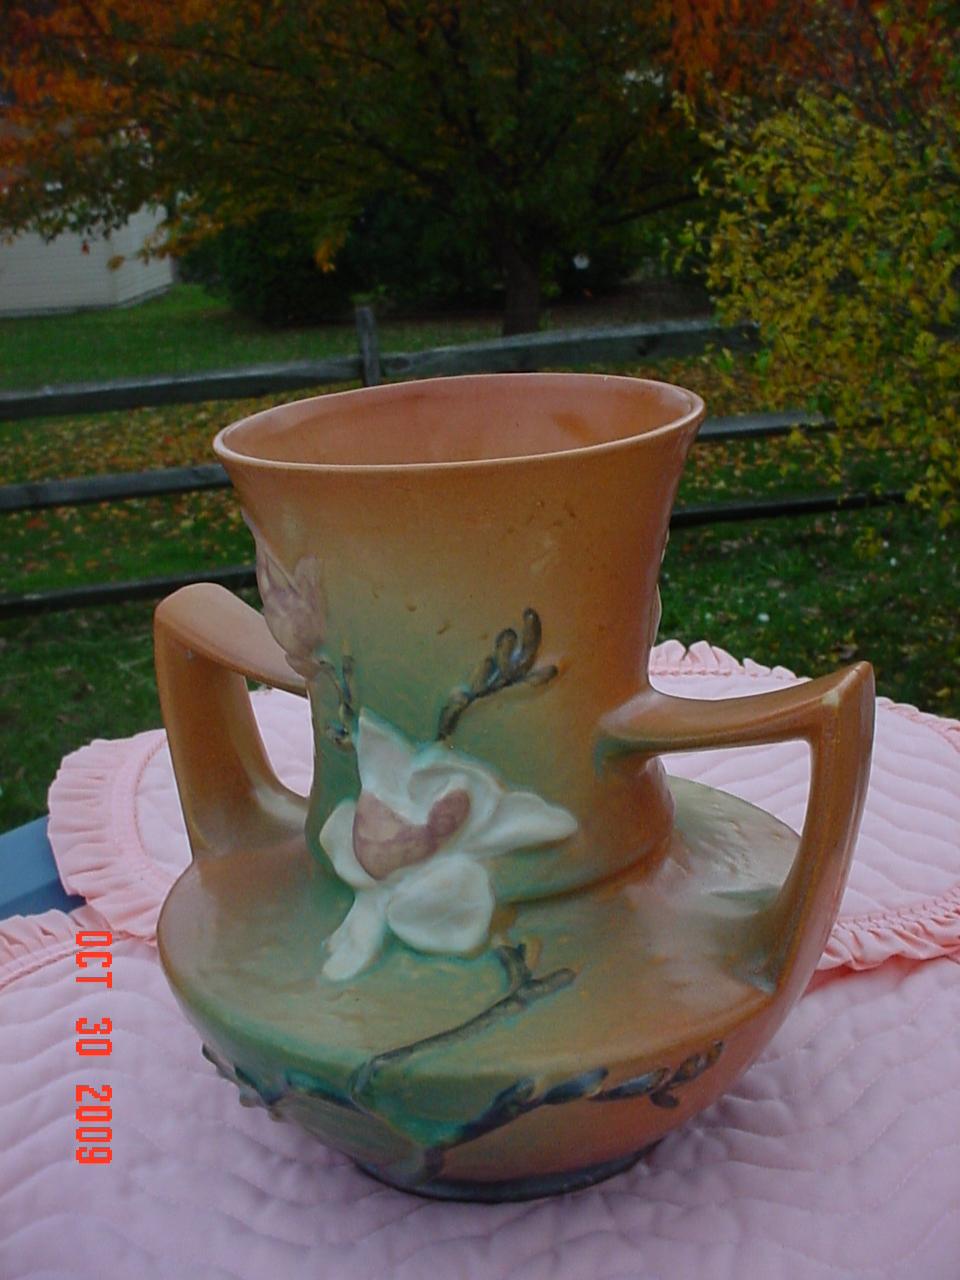 Roseville Magnolia Vase 93-9 Large Dual Handle 1940's c Mint Condition